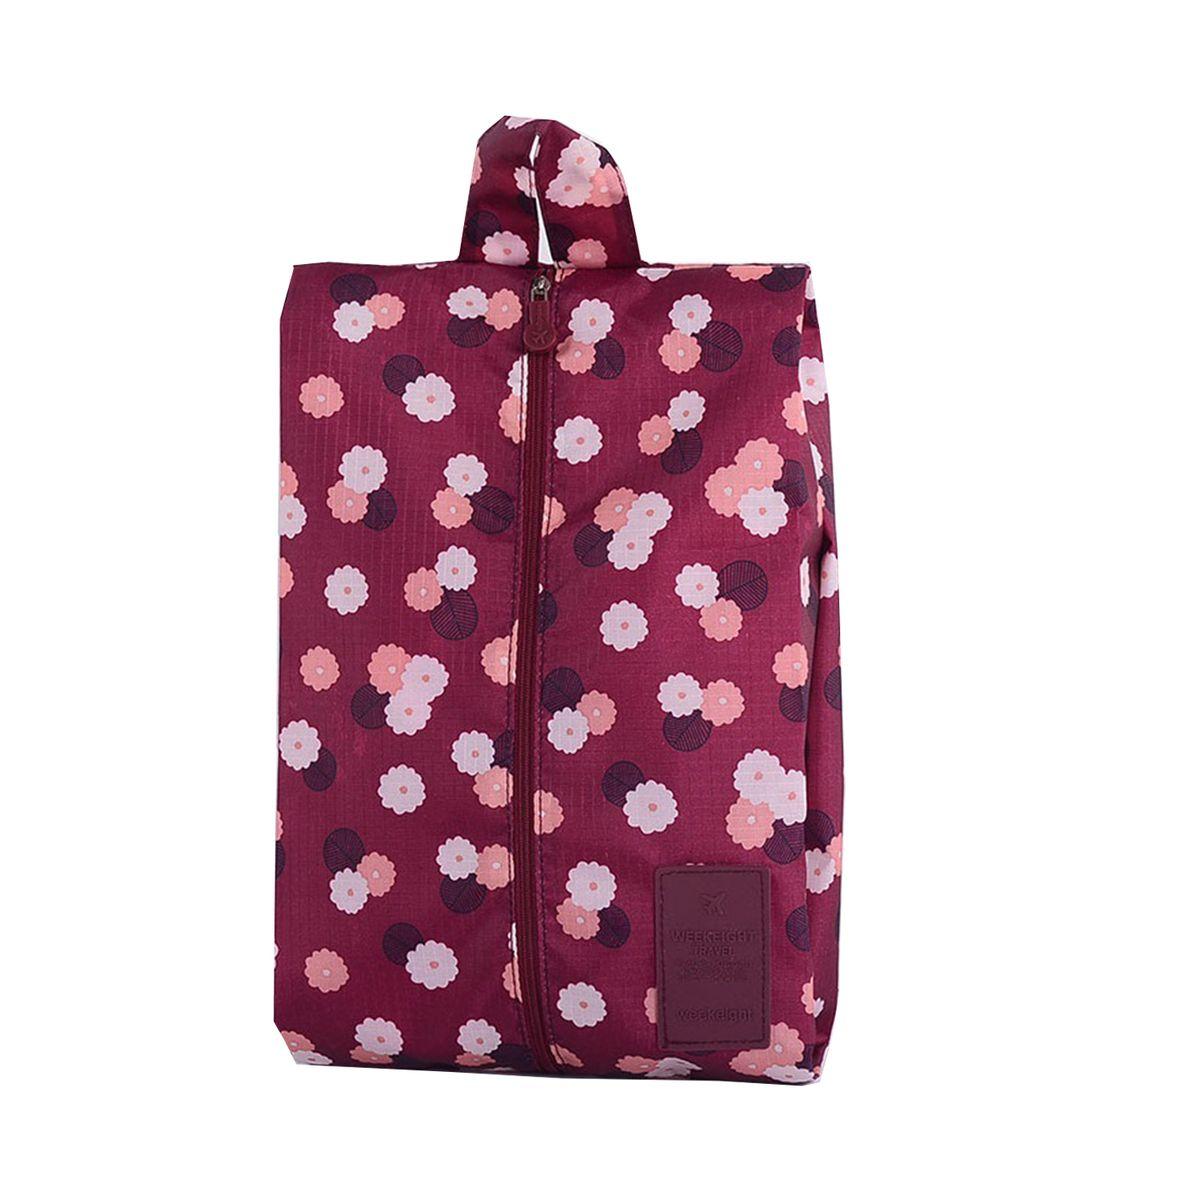 Чехол для обуви Homsu  Цветок , цвет: бордовый, белый, розовый, 35 x 21 x 9 см - Полезные мелочи